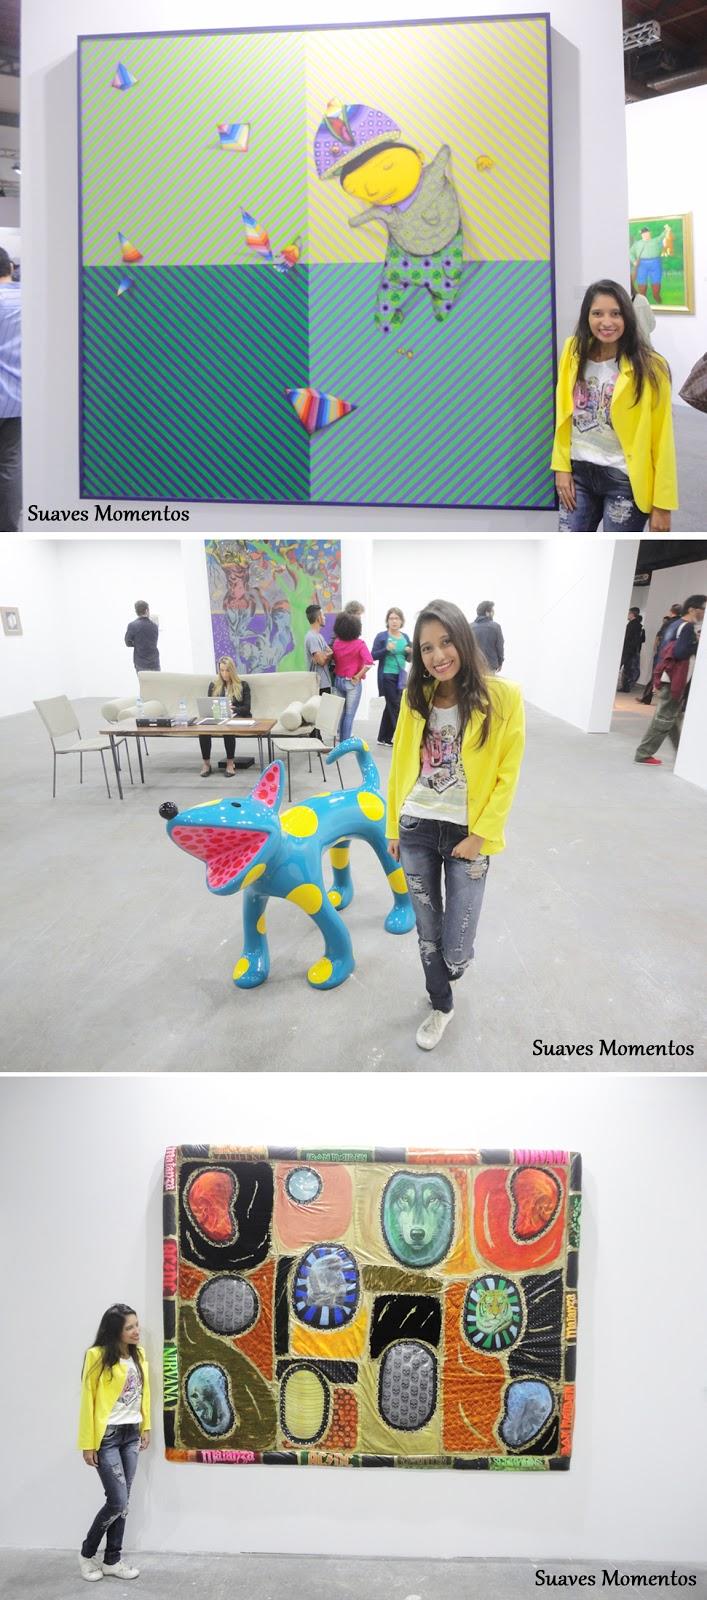 Exposição de artes no ArtRio 2016